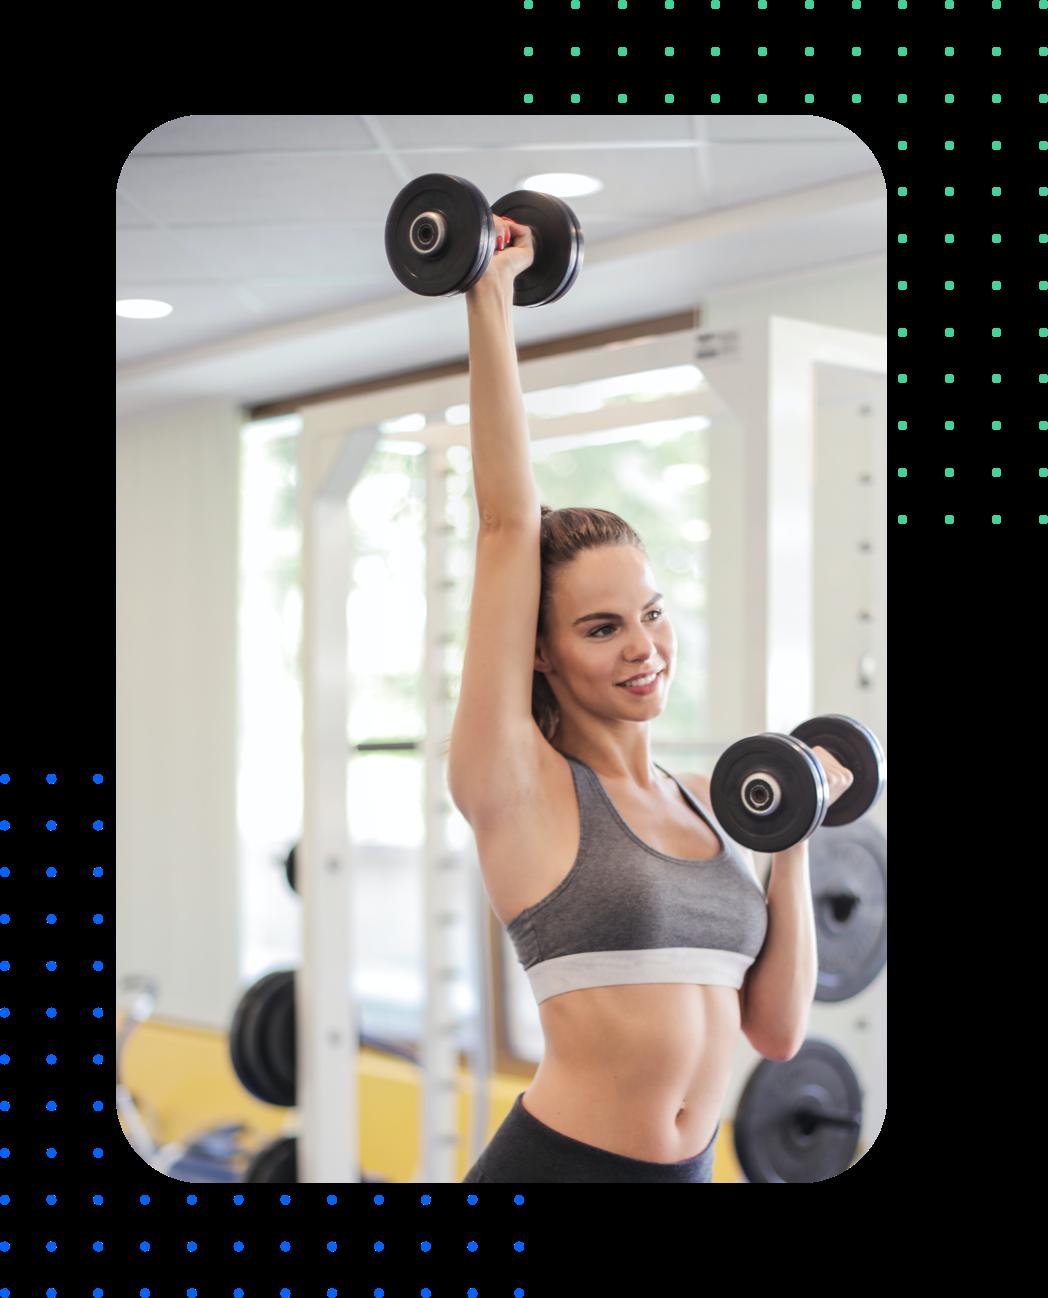 fitness class management software